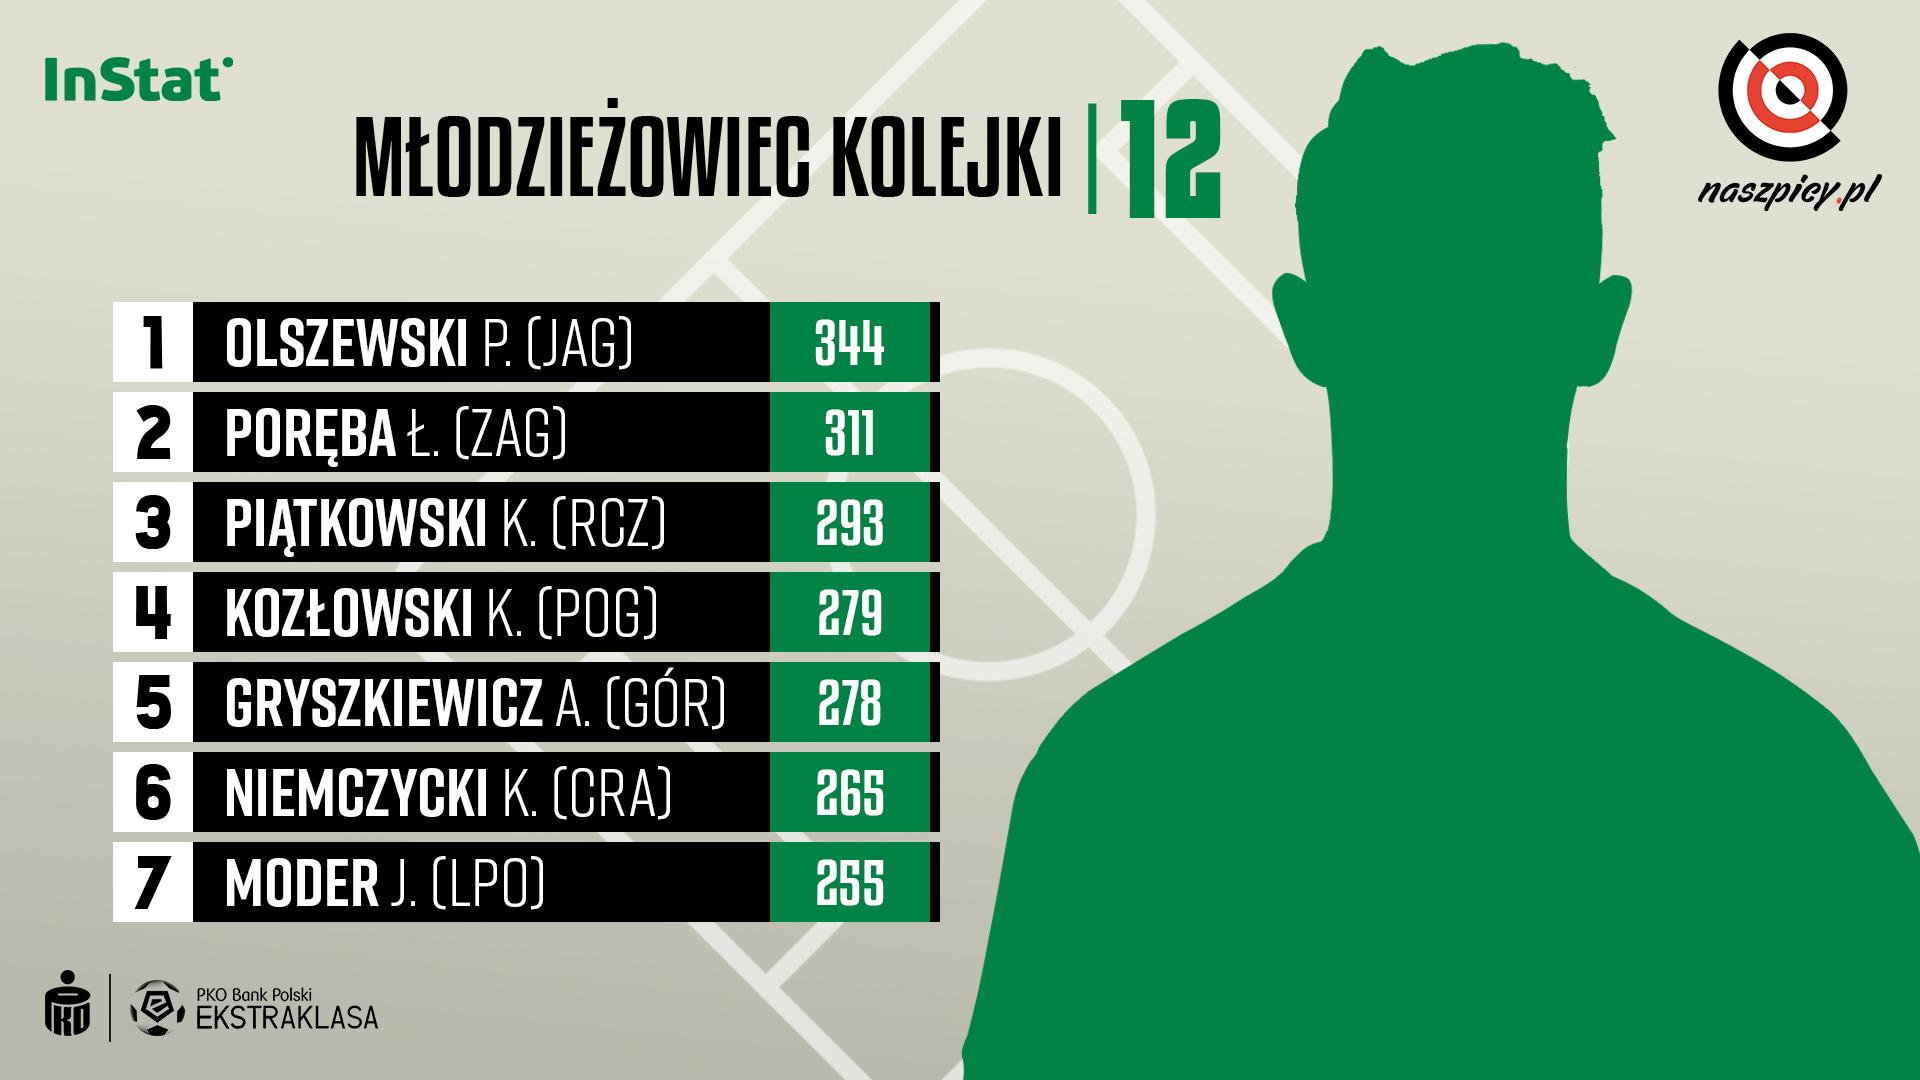 Ranking młodzieżowców w 12. kolejce PKO Ekstraklasy wg InStat Index<br><br>Źródło: Opracowanie własne na podstawie instatsport.com<br><br>graf. Bartosz Urban